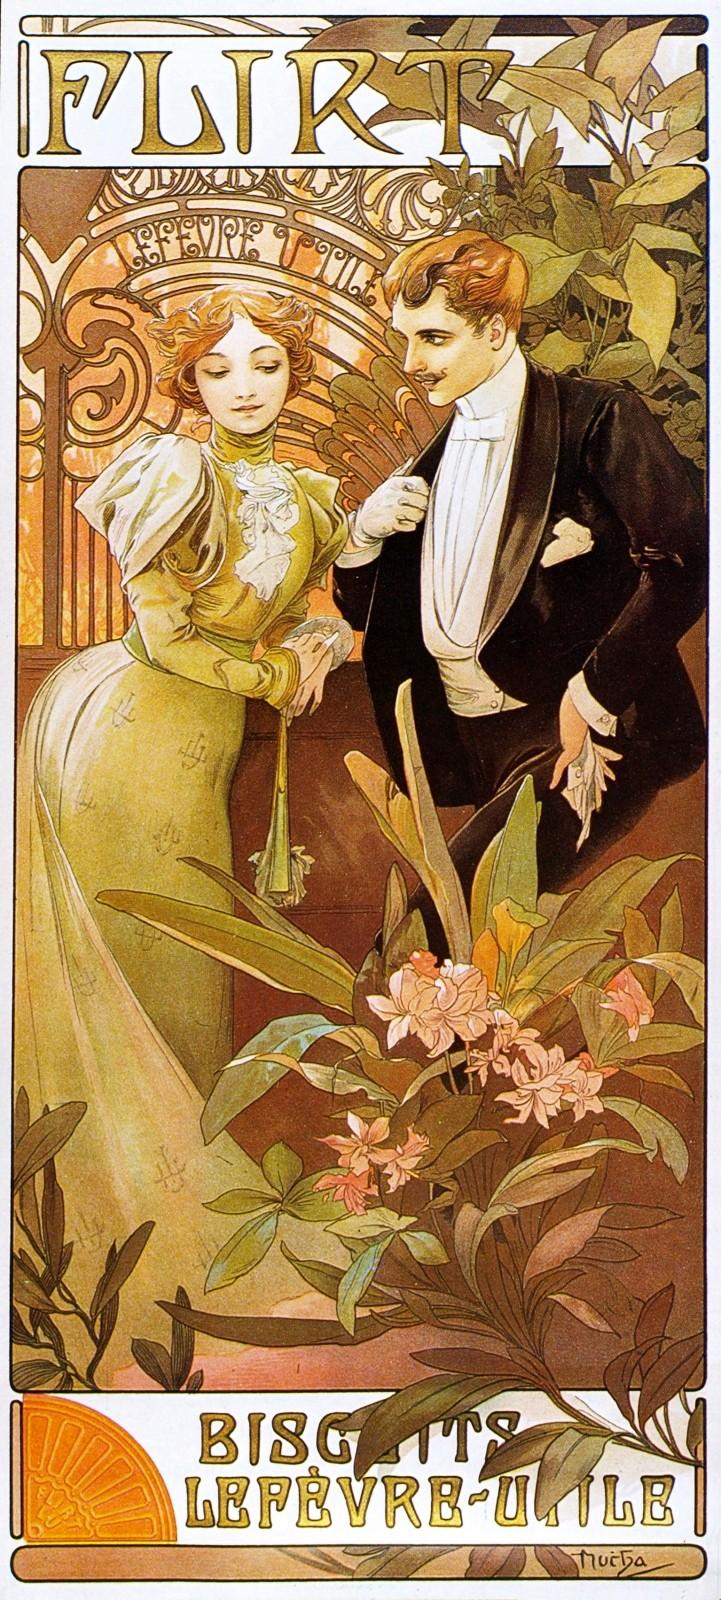 Рекламный плакат печенья  Lefevre Utile. Флирт-1899